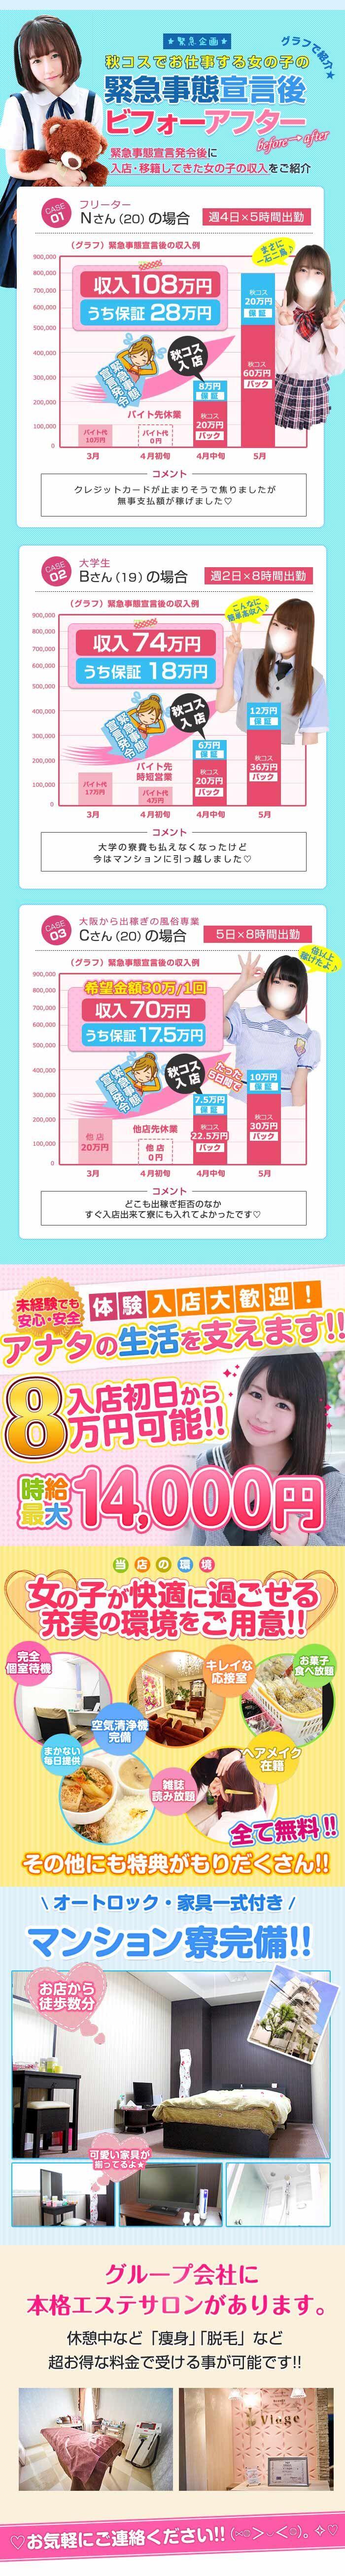 ガールズヘブン急募インフォメーション_20201110 (1)